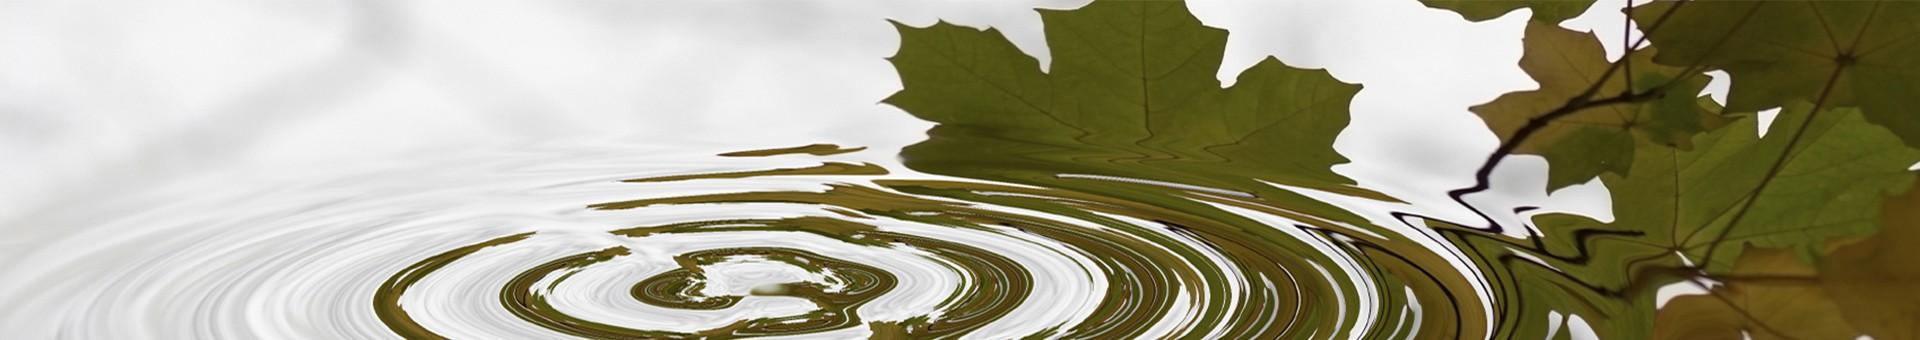 Image eau feuille goutte CFR